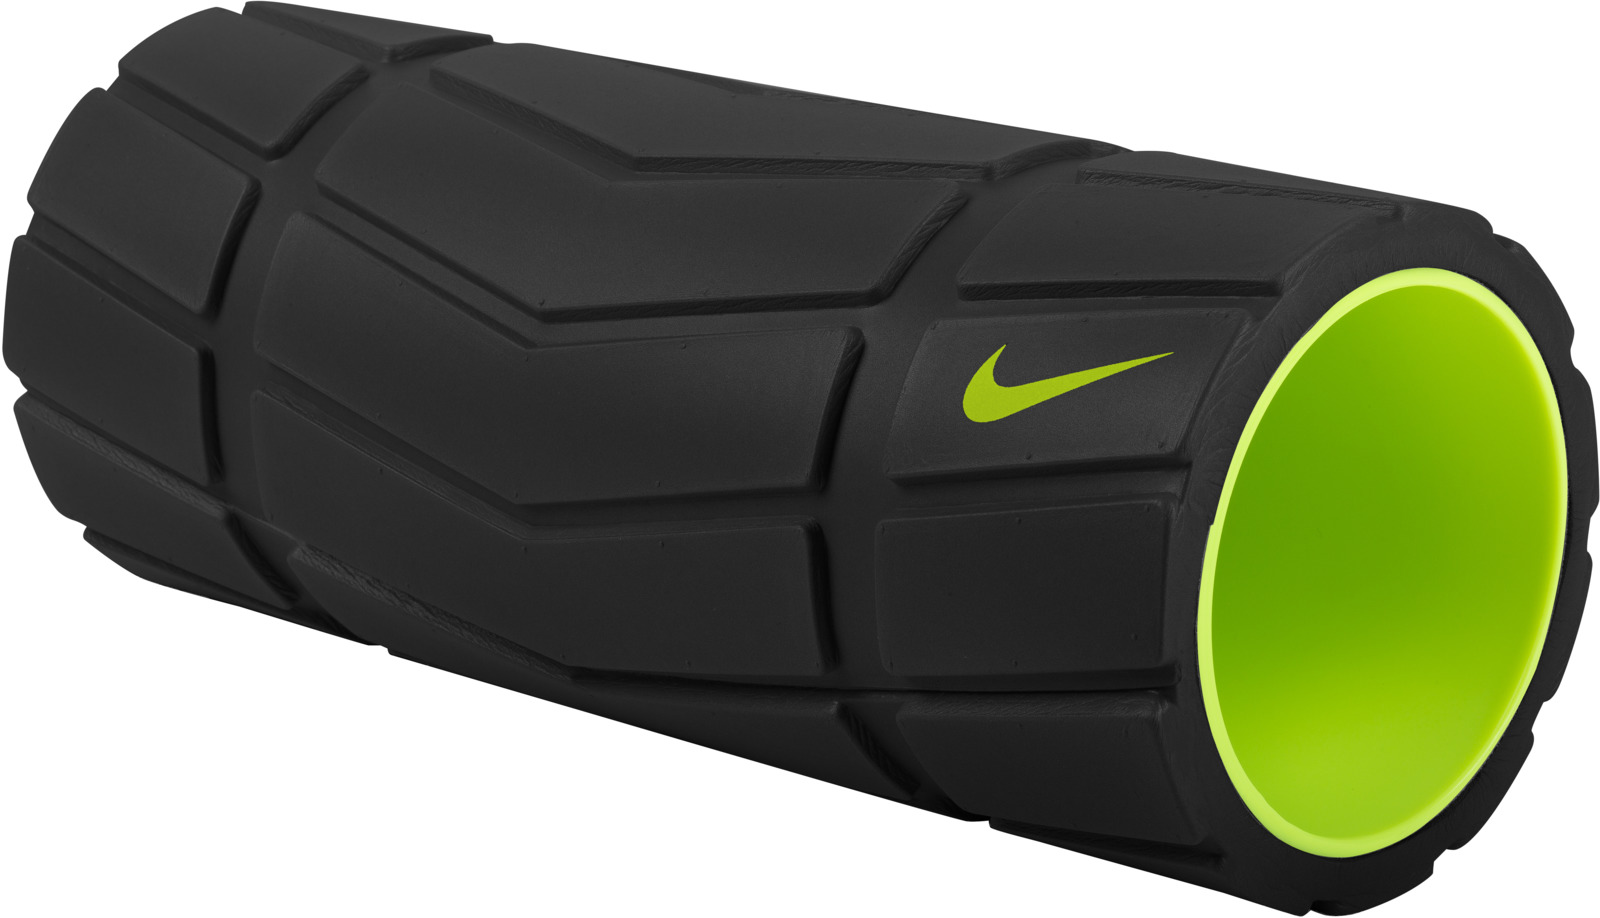 Ролик массажный Nike, цвет: черный, желтый цена